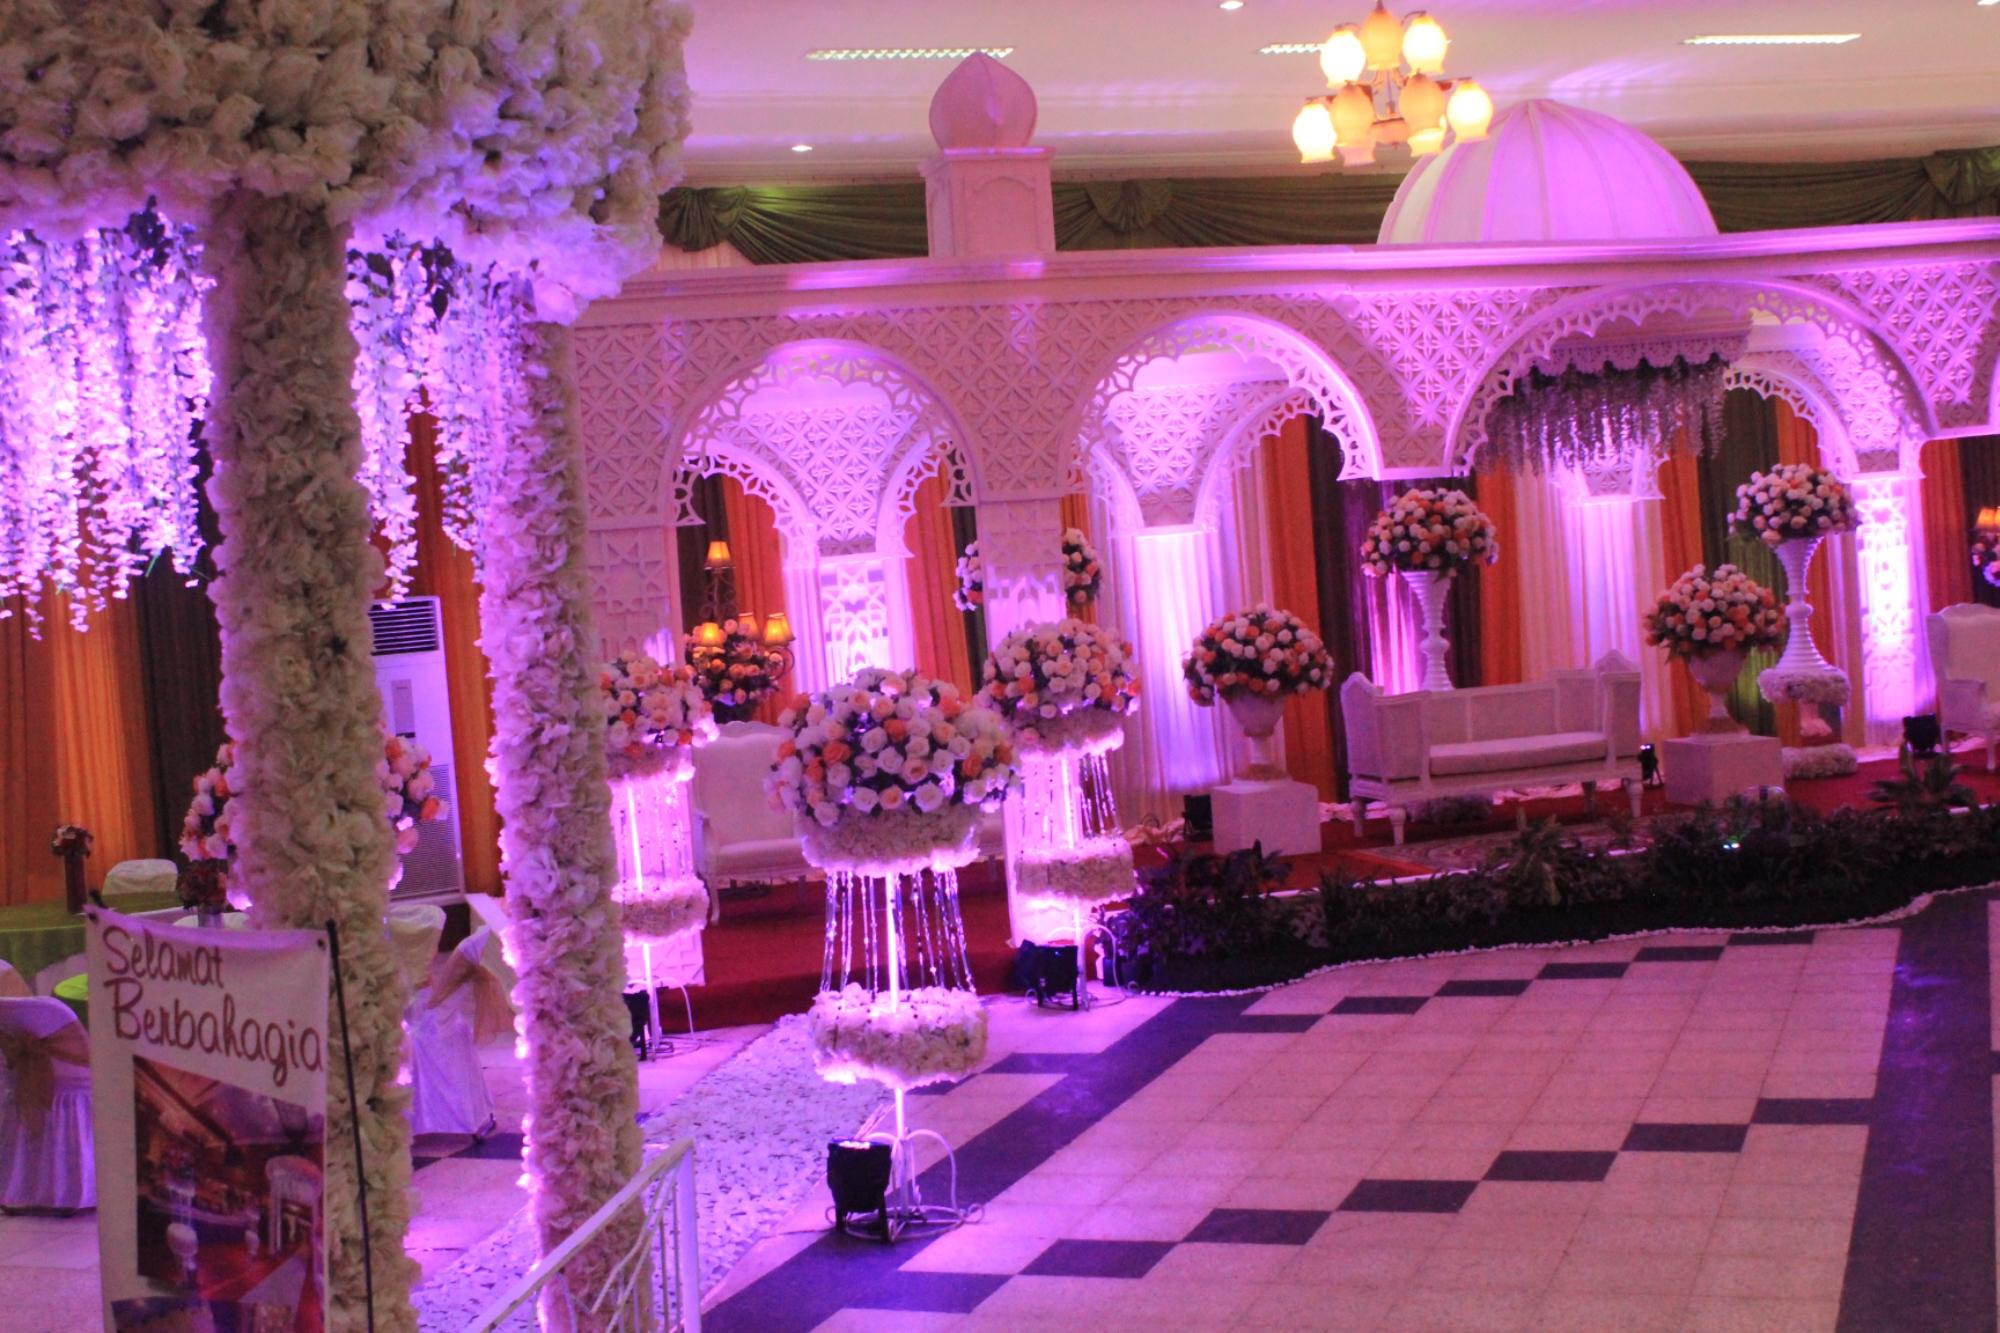 Wedding organizer balikpapan wedding ideas jasa wedding organizer balikpapan dmaffri community junglespirit Images